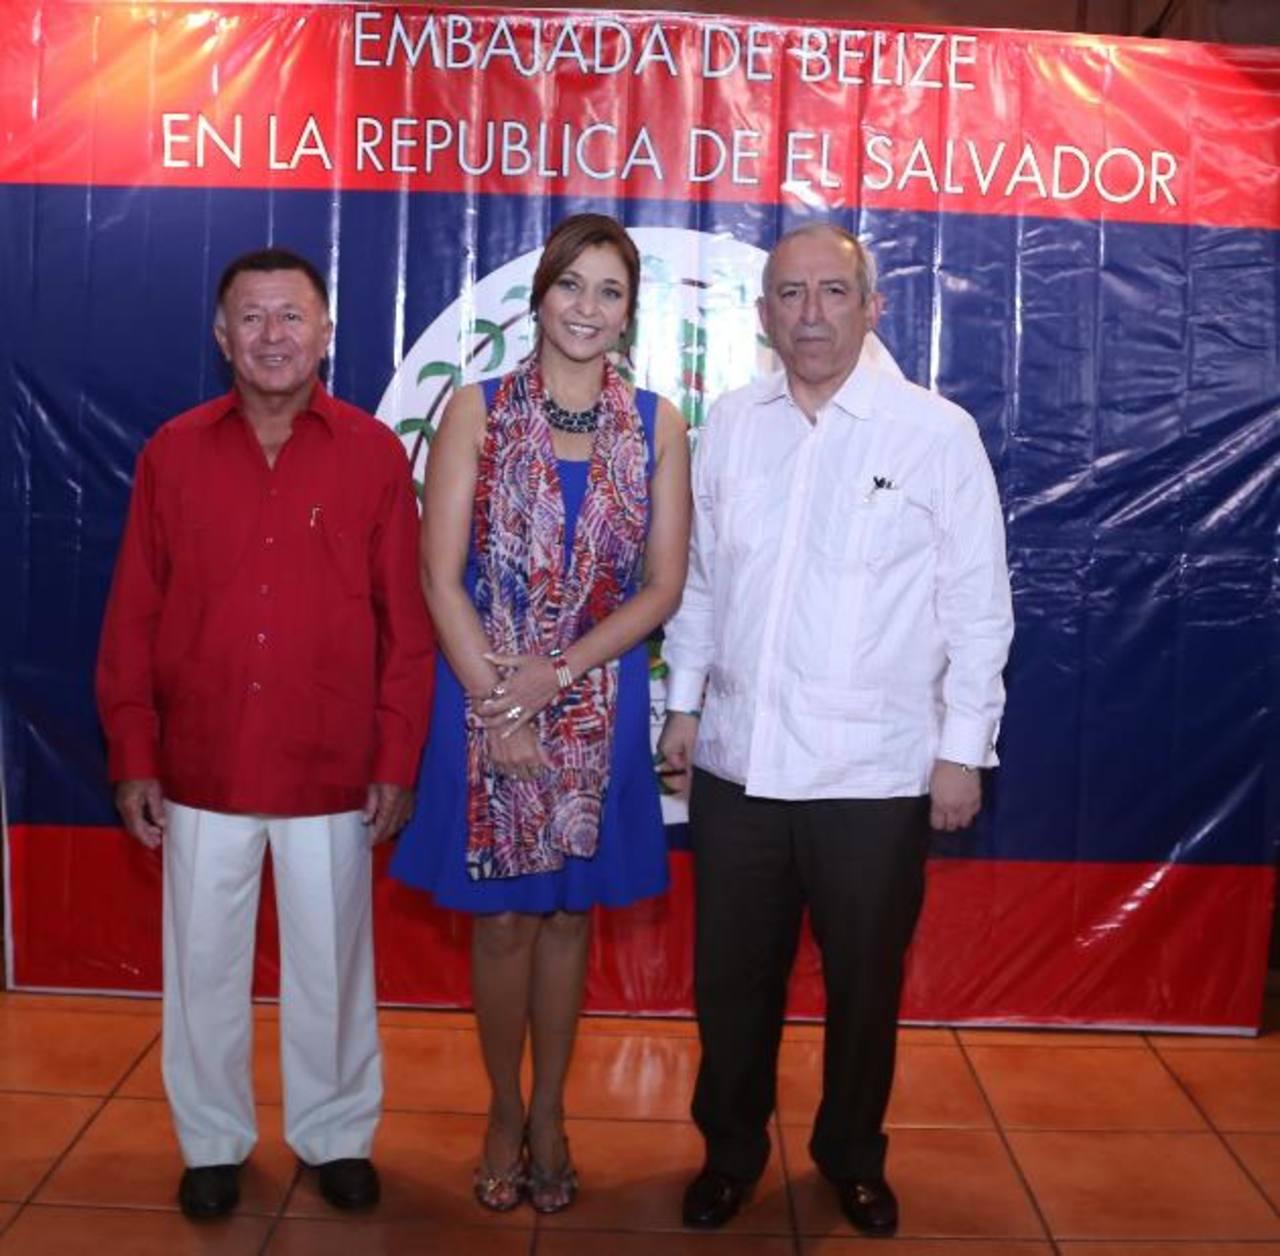 Celie Paz Marín, Embajadora de Belice en El Salvador, junto a Manuel Heredia, ministro de Turismo de ese país, y el presidente de la Asamblea Legislativa, Sigfrido Reyes. Foto edh / Cortesía